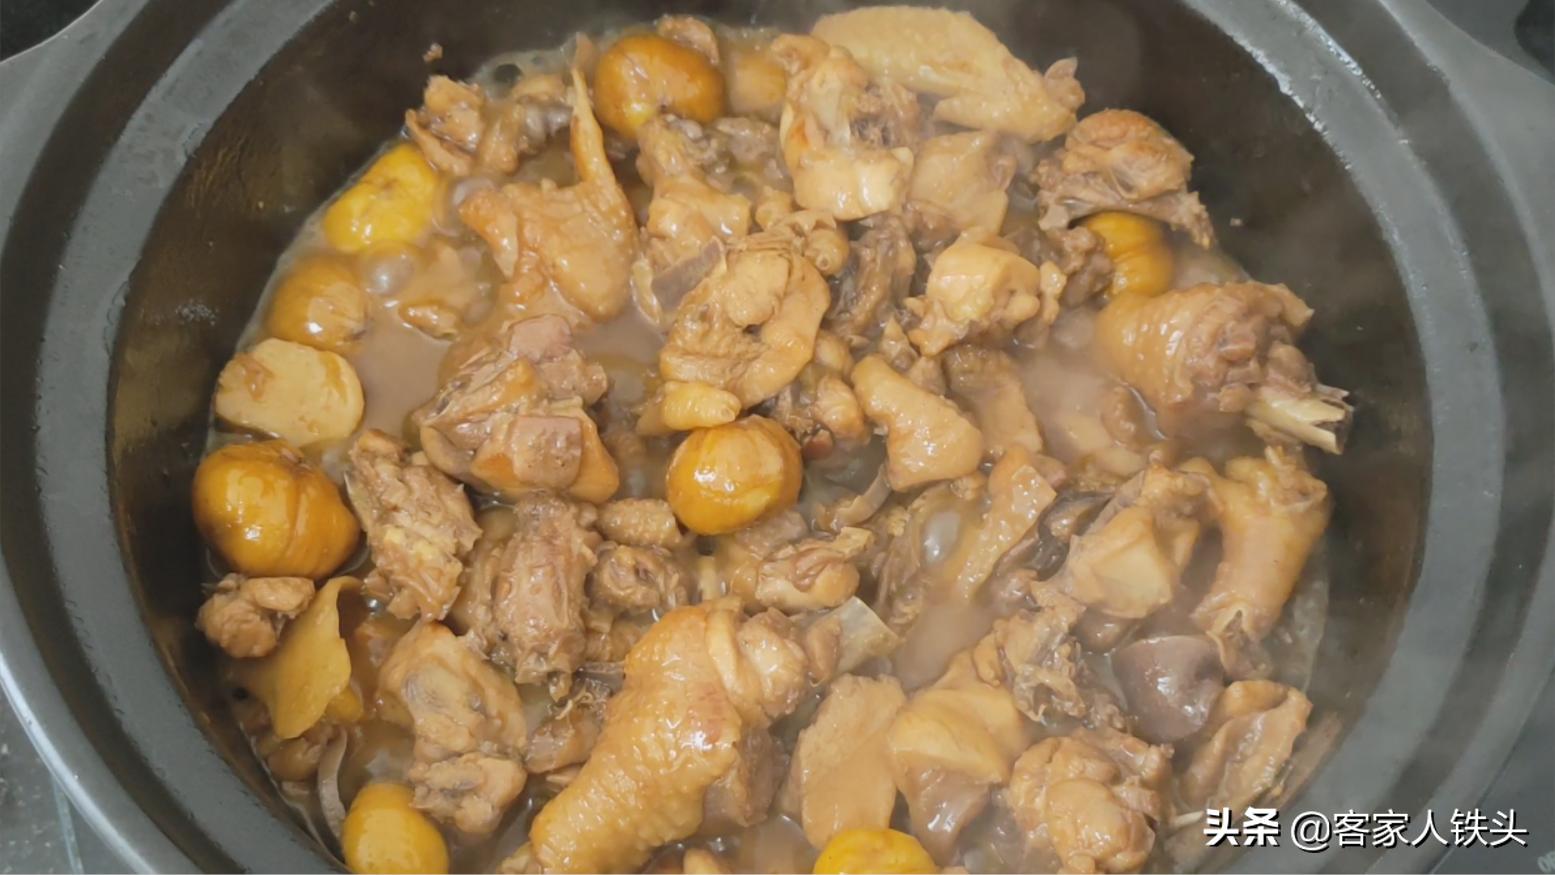 4斤雞,以後待客不白切了,加1斤板栗這樣做,滋補好吃還超下飯